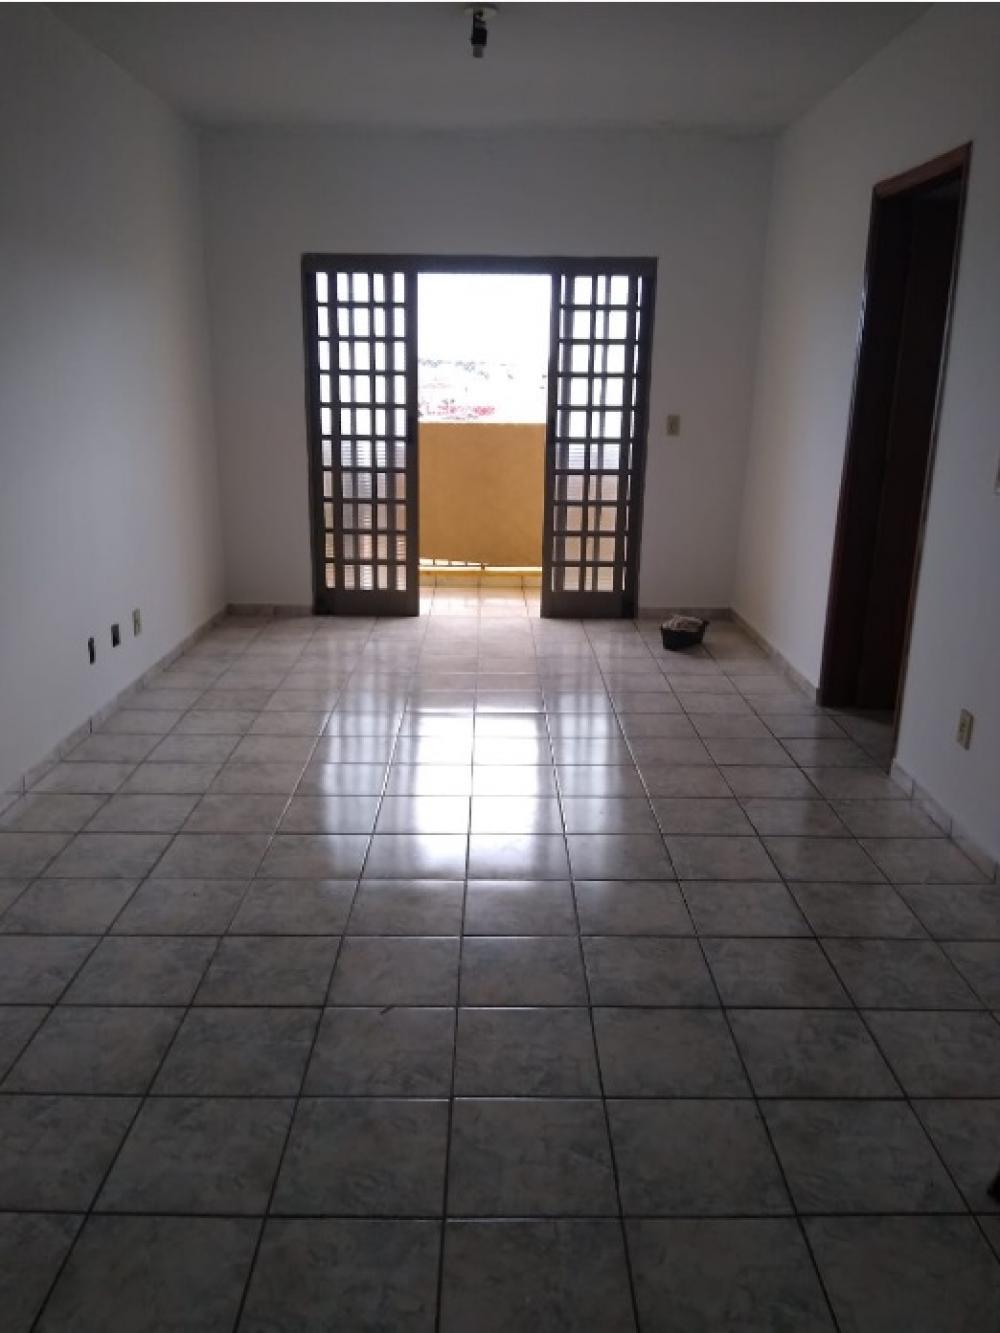 Comprar Apartamento / Padrão em São José do Rio Preto apenas R$ 160.000,00 - Foto 1